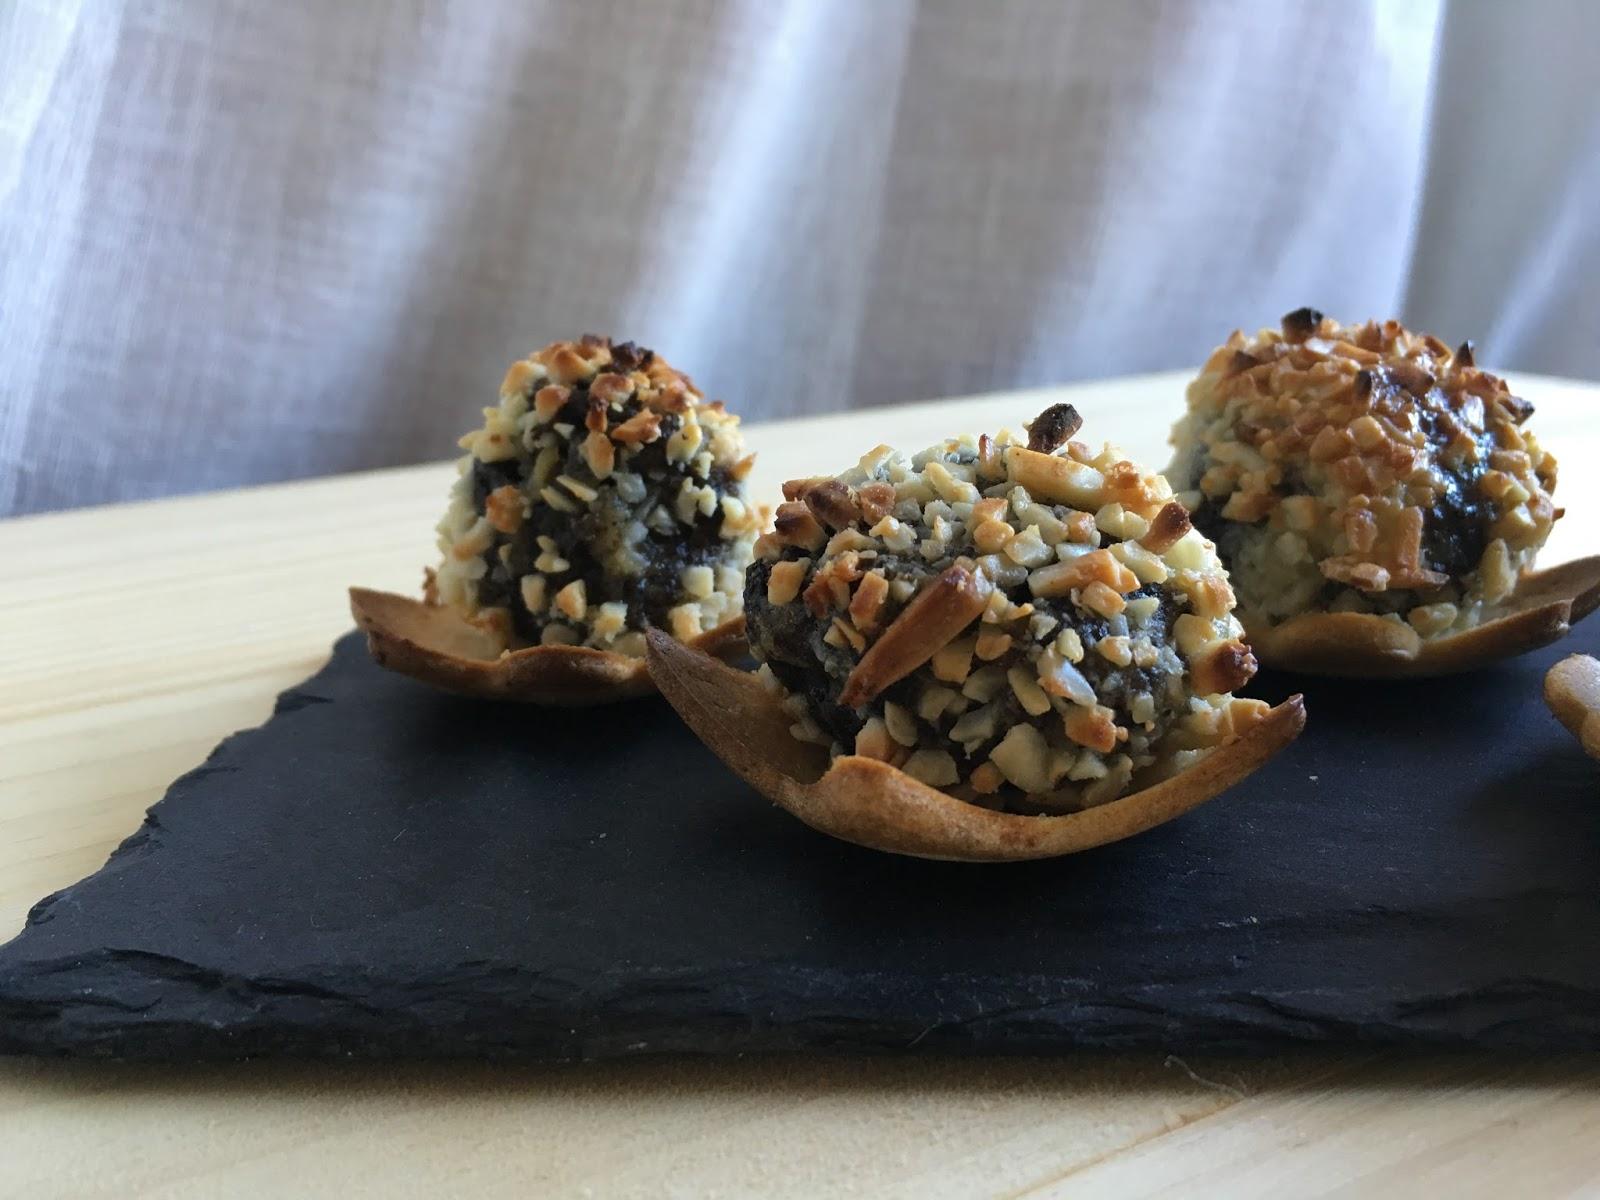 Bolitas de morcilla de burgos con manzana